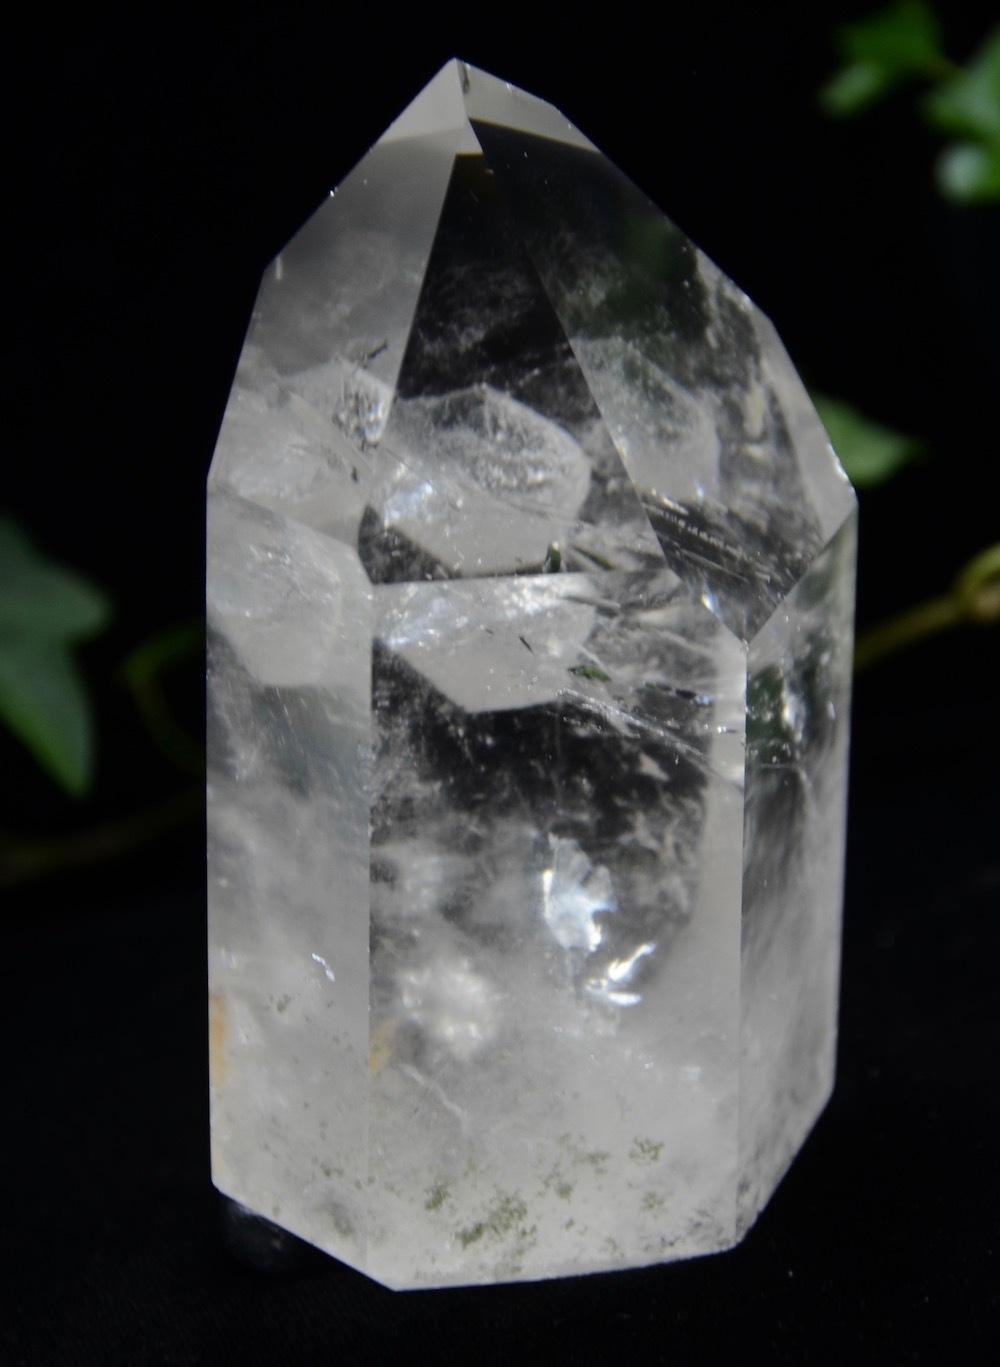 カーサクリスタルポイント 小さな貫入水晶入り 267g a0095